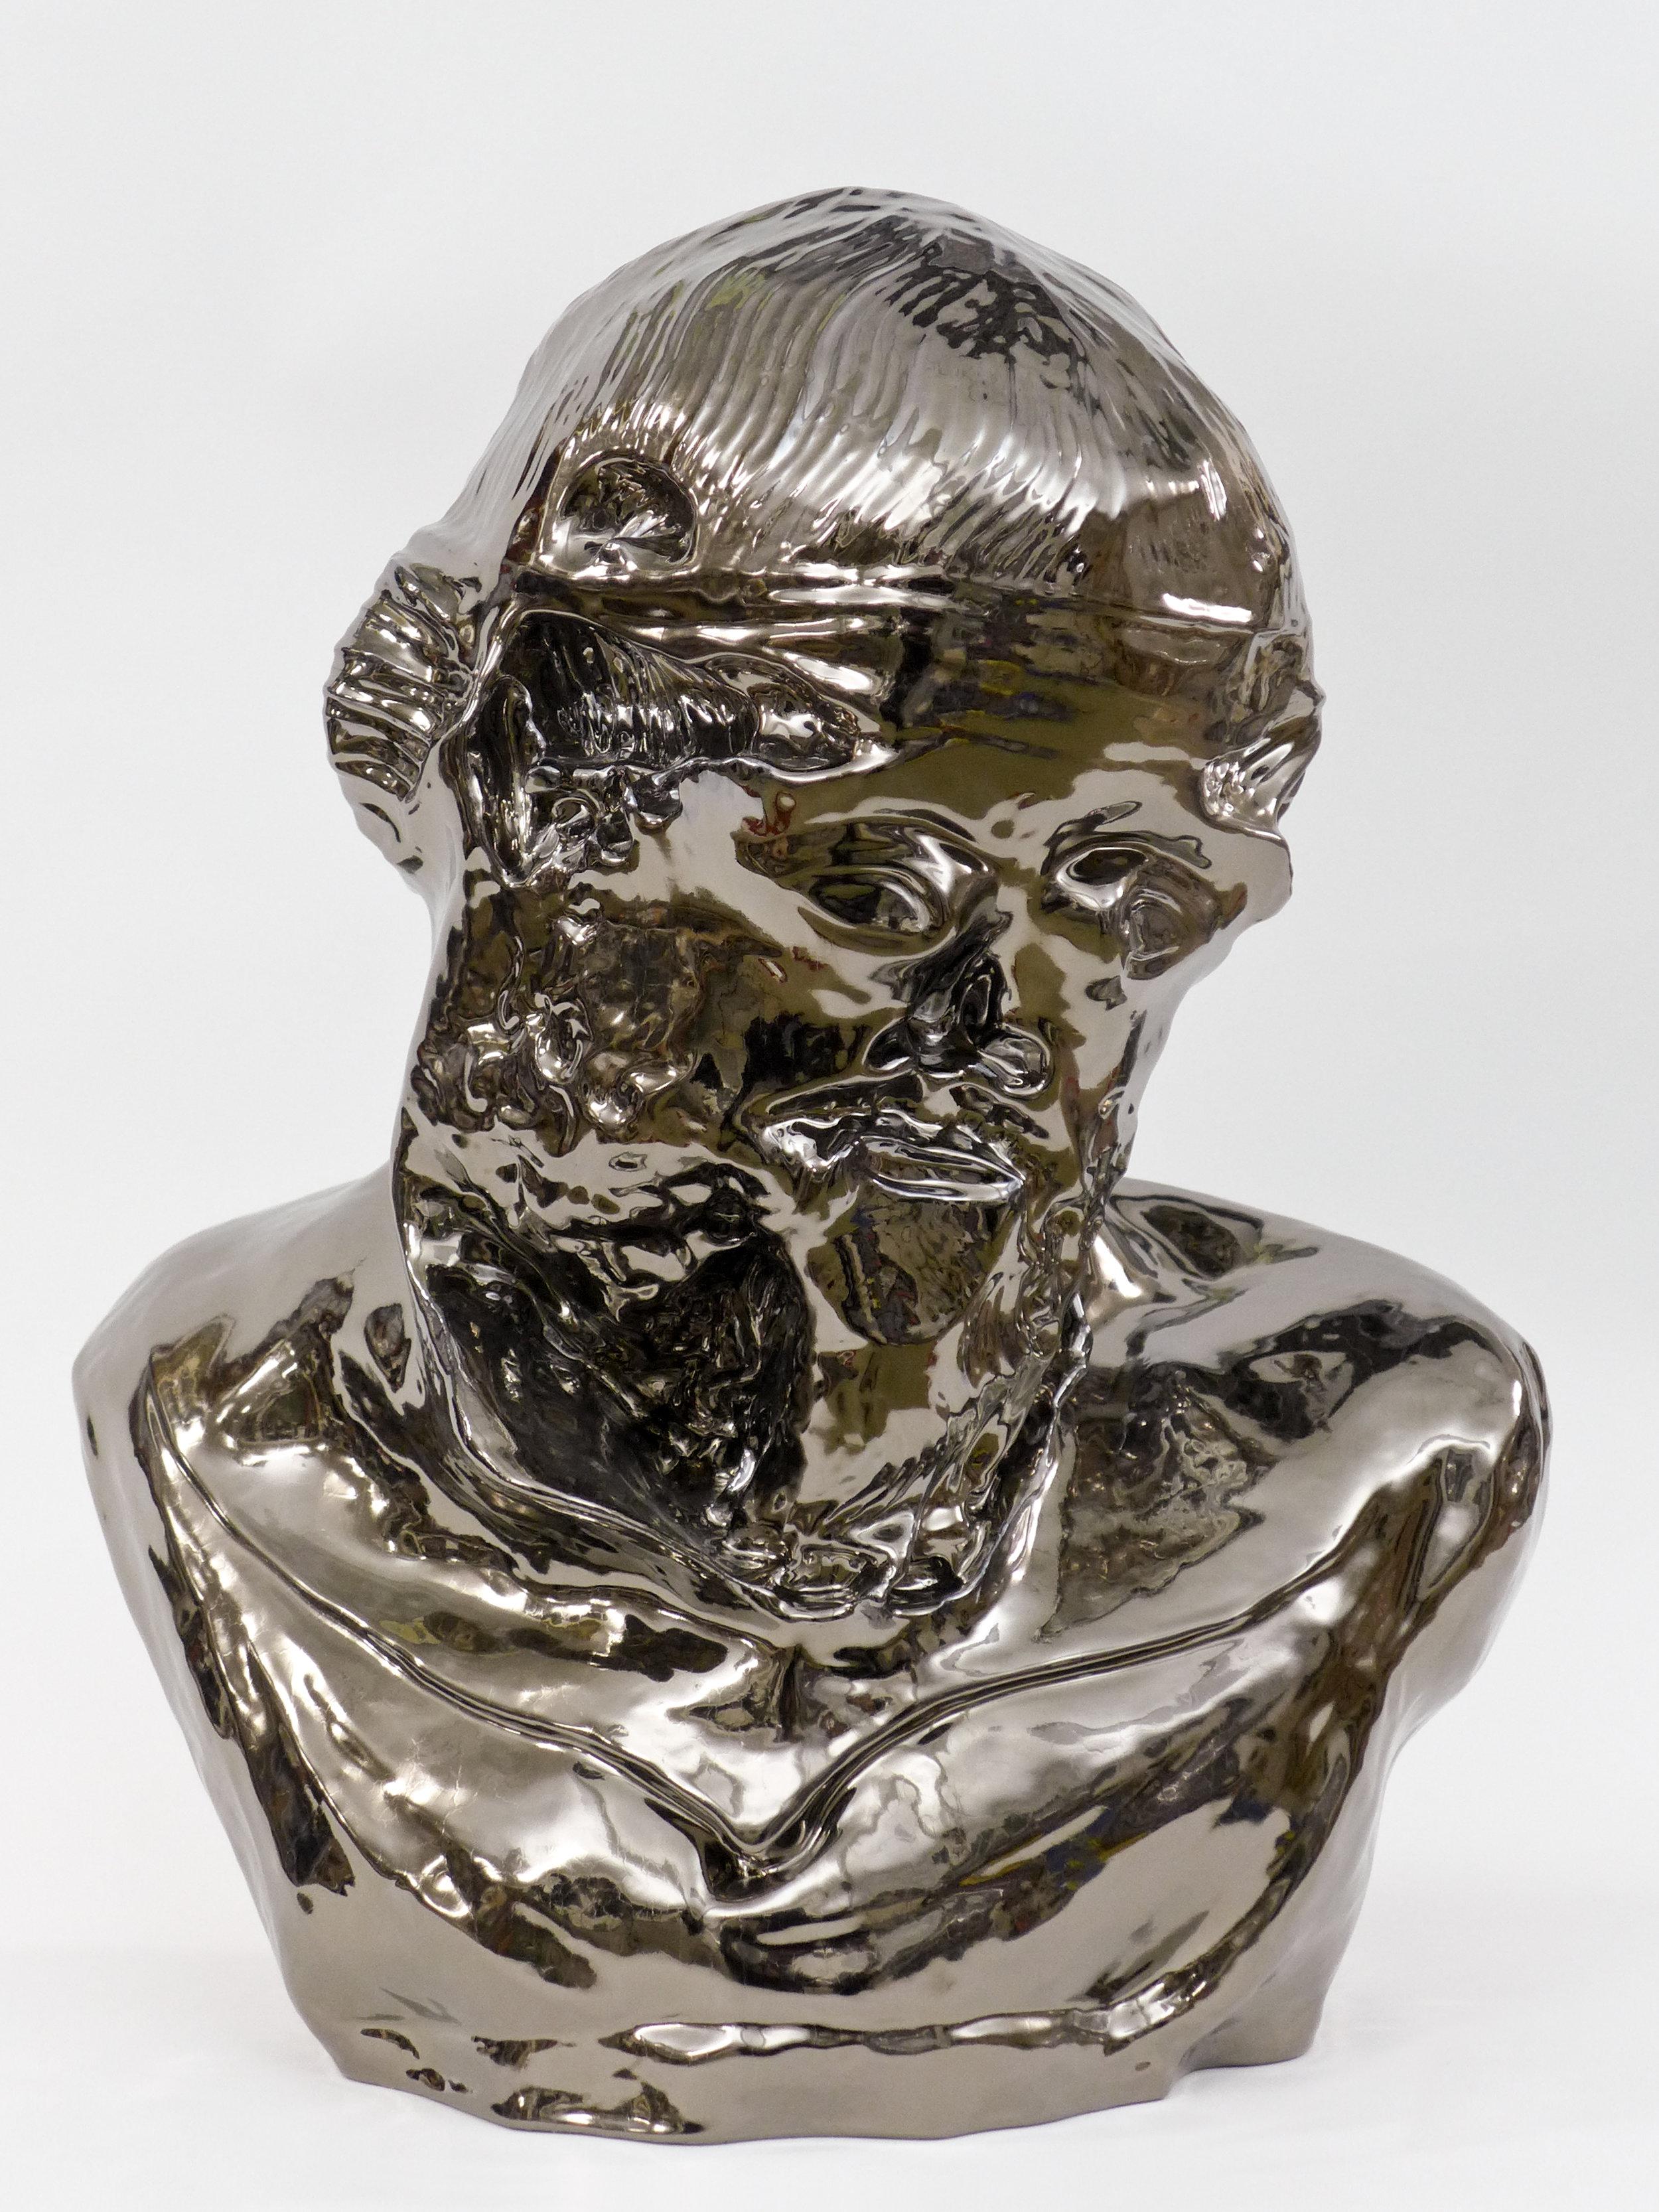 """Christian Gonzenbach, """"Notalp Suhcab"""" (Platon), de la série """"Hcabneznog"""", céramique émaillée au bronze, 54 x 46 x 27 cm, 2010-2012"""